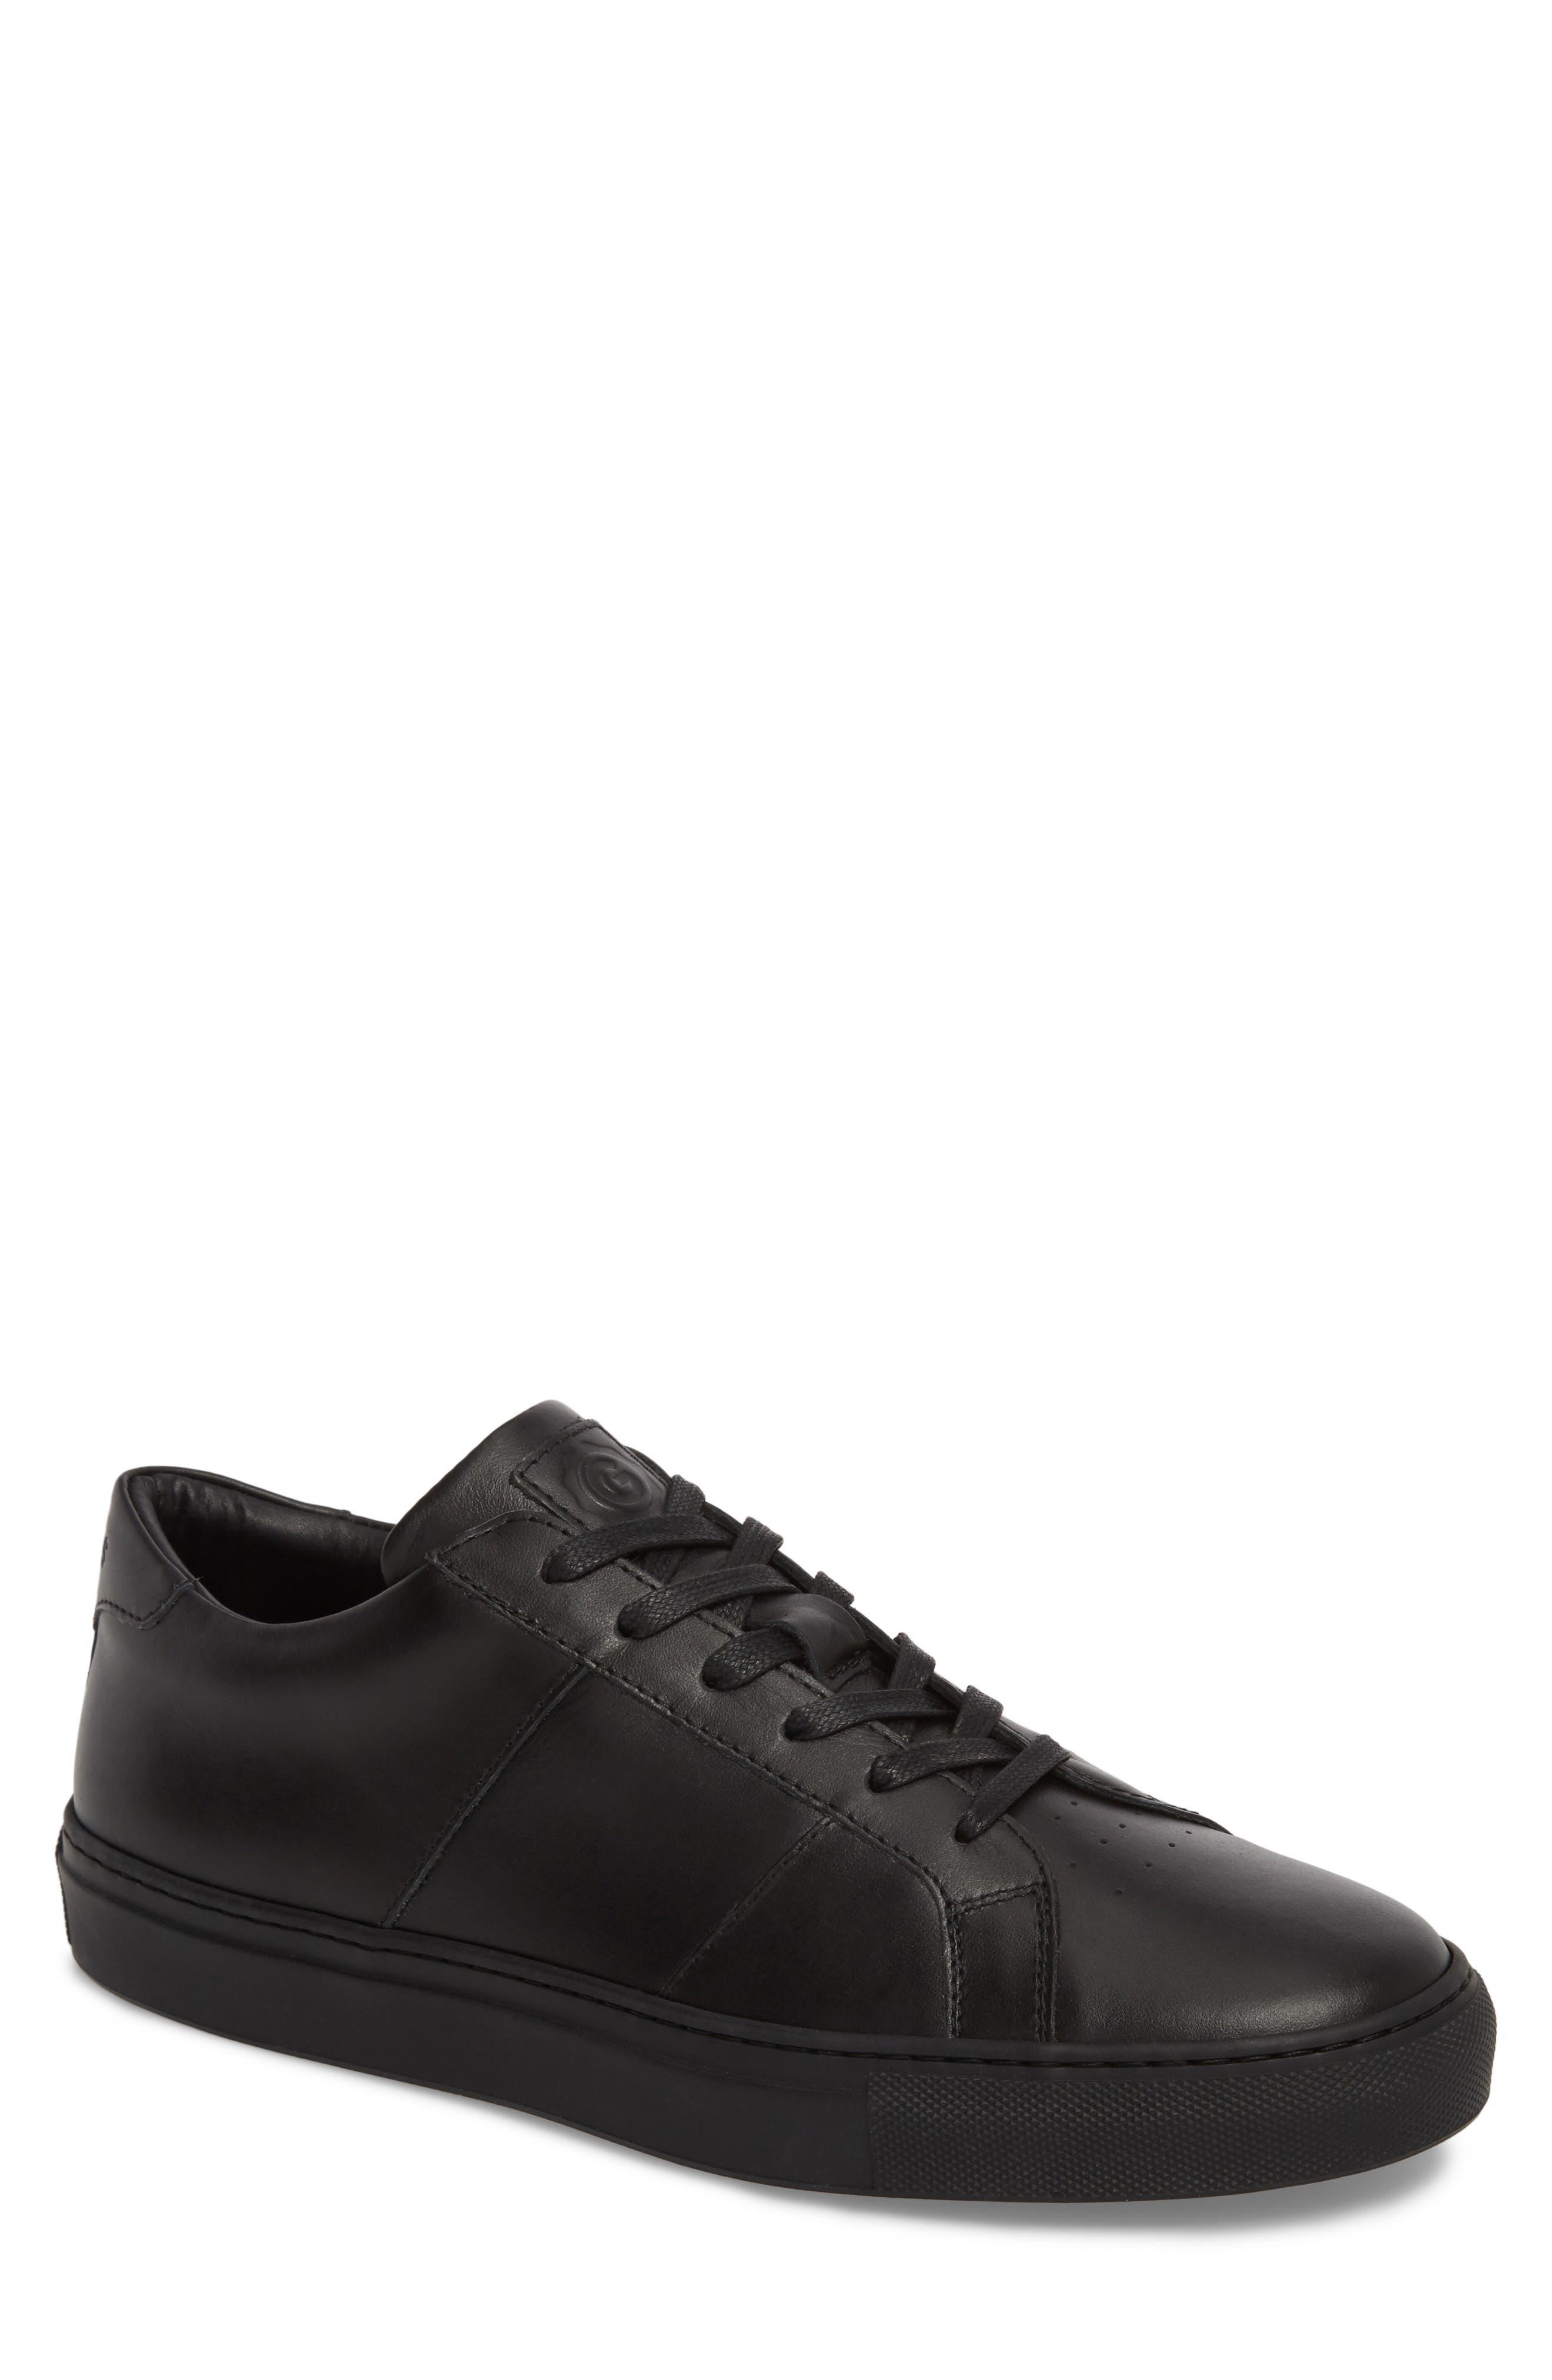 Main Image - Greats Royale Sneaker (Men)